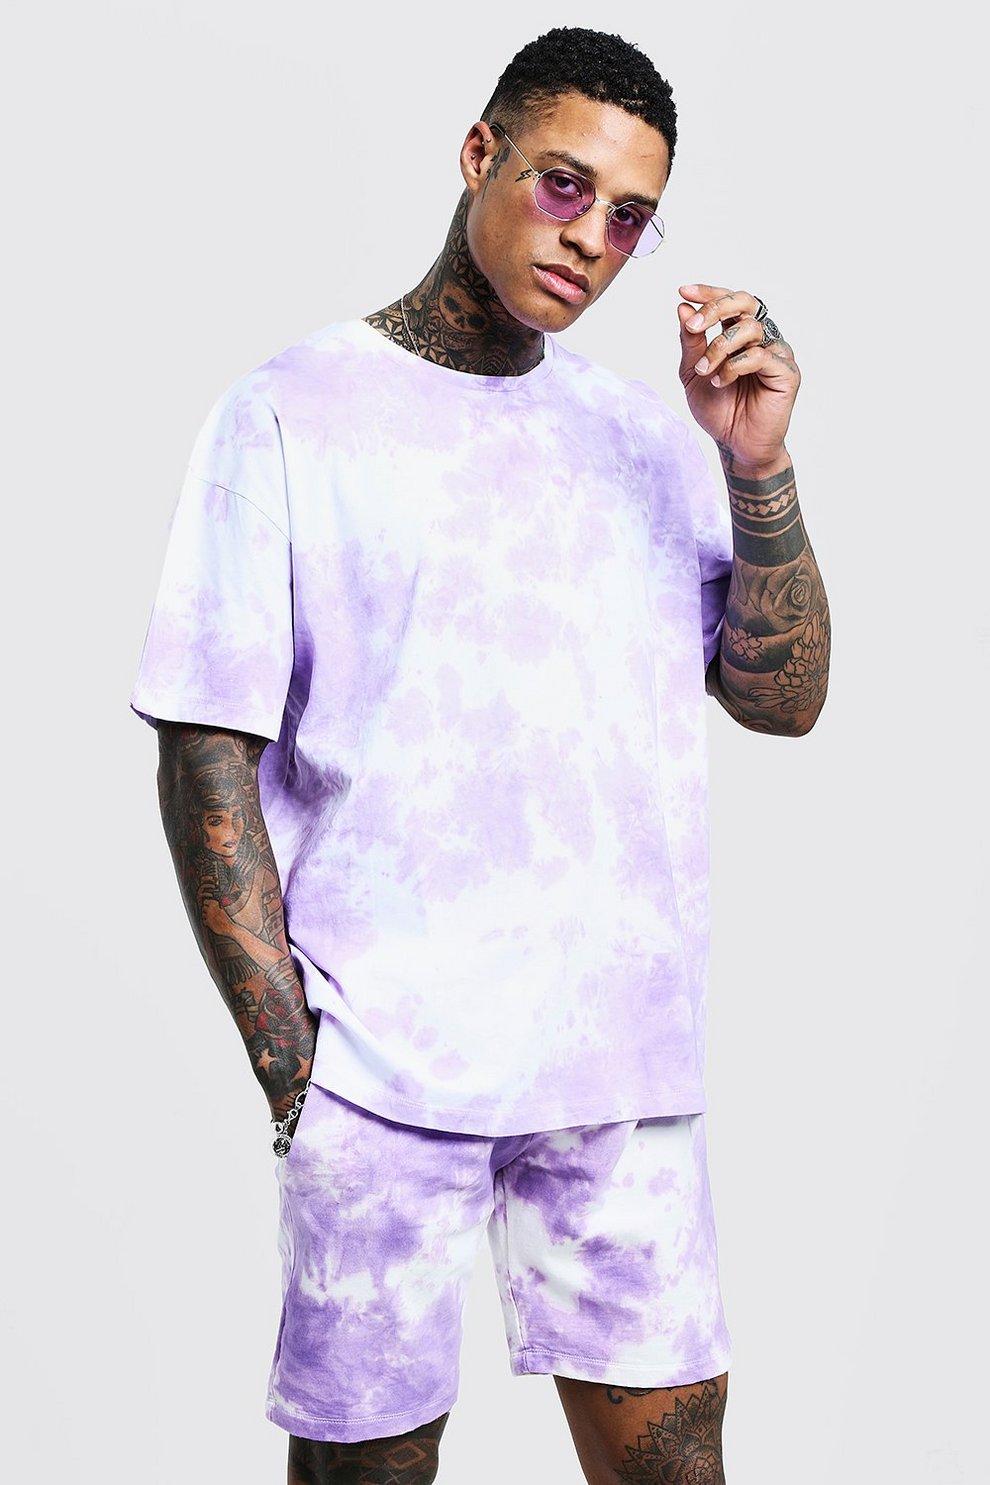 How do you set a tie dye shirt